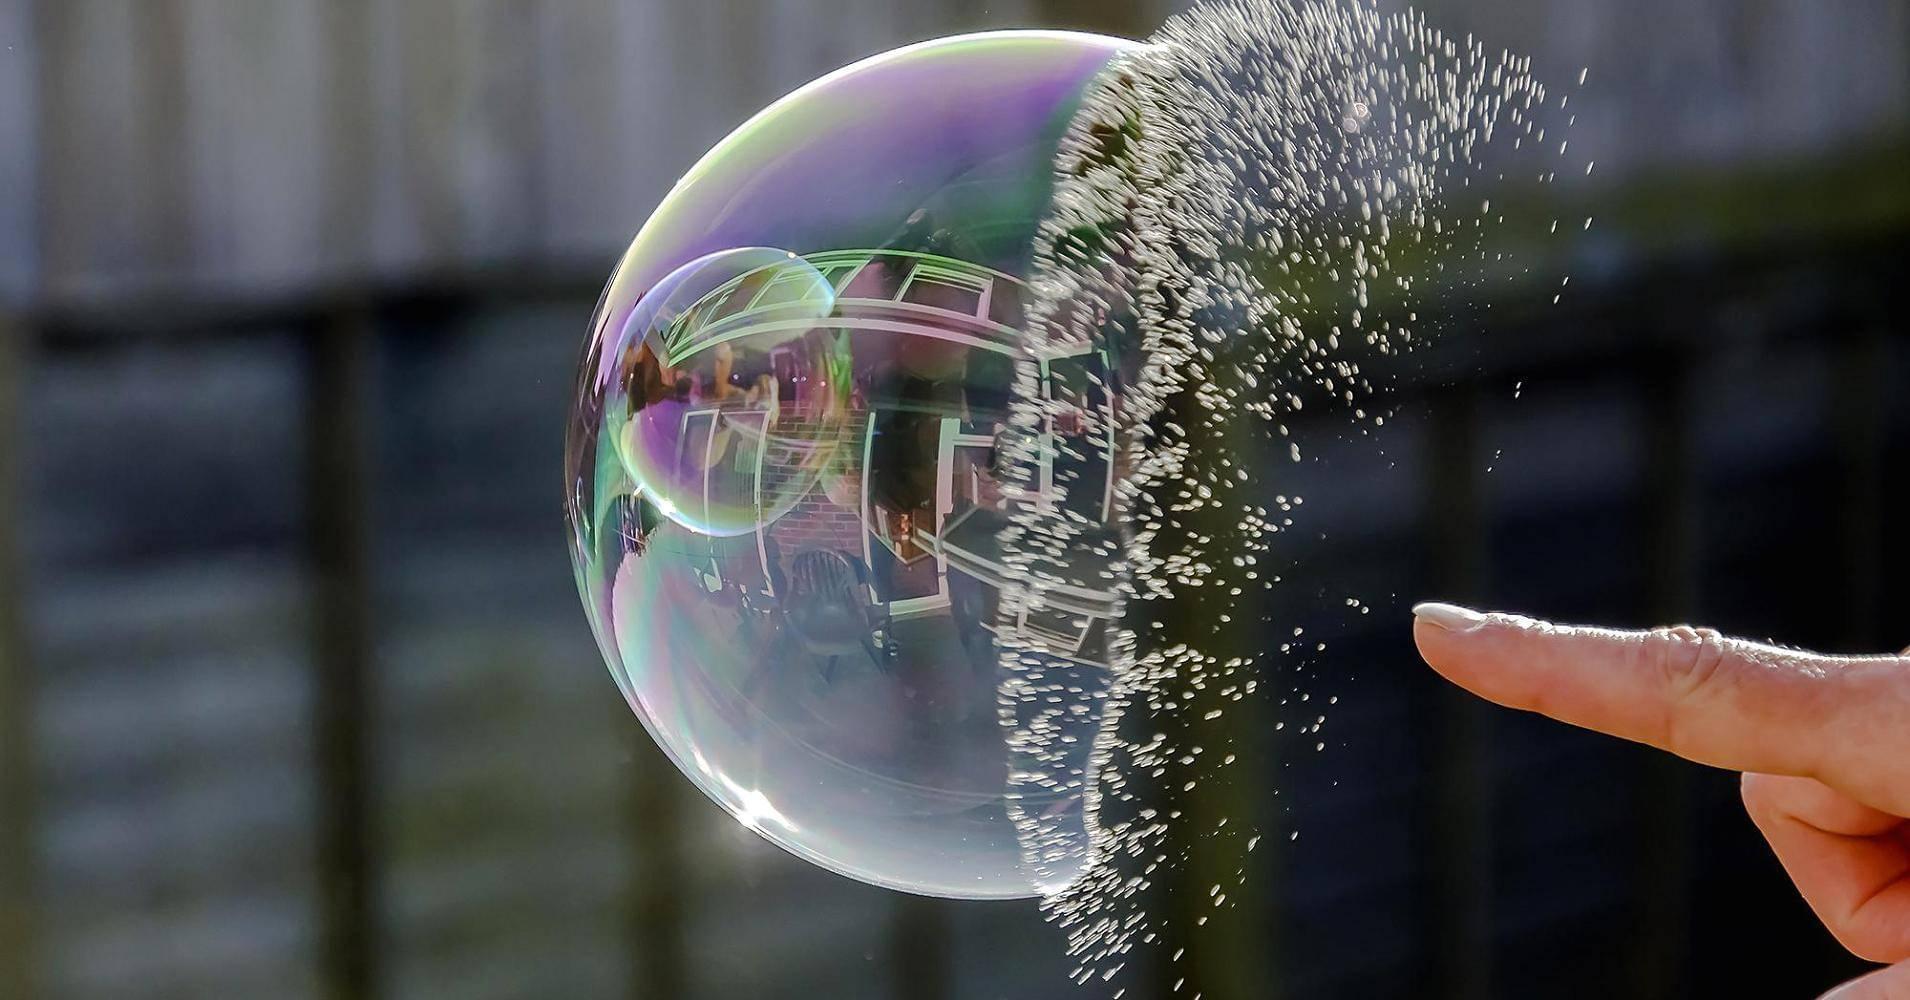 原美全面加税或戳破泡沫酝酿风险